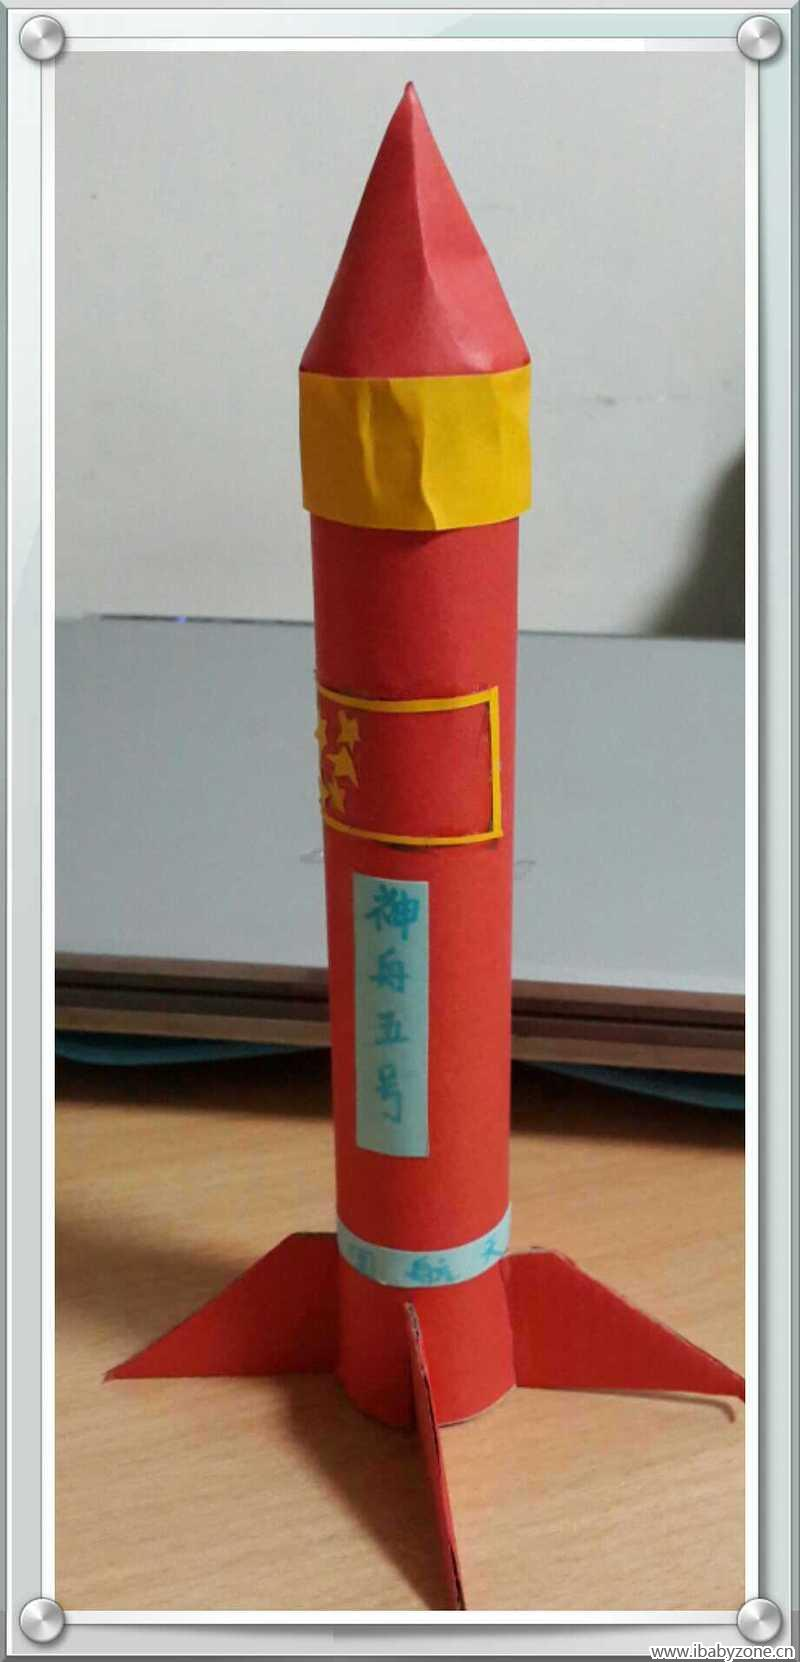 纸火箭制作方法图解